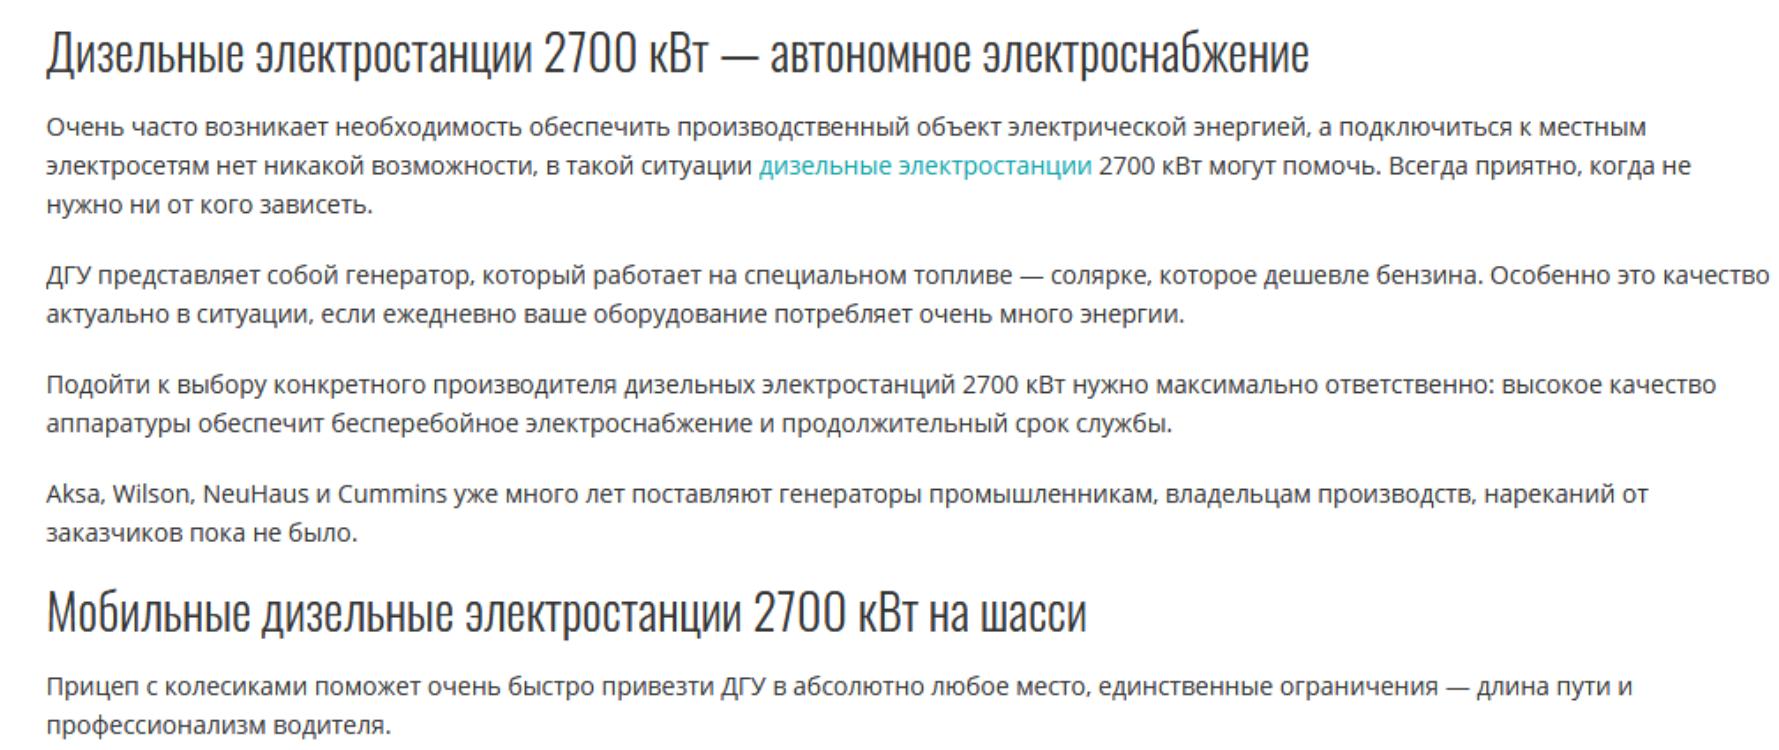 Пример статьи для SEO продвижения сайта